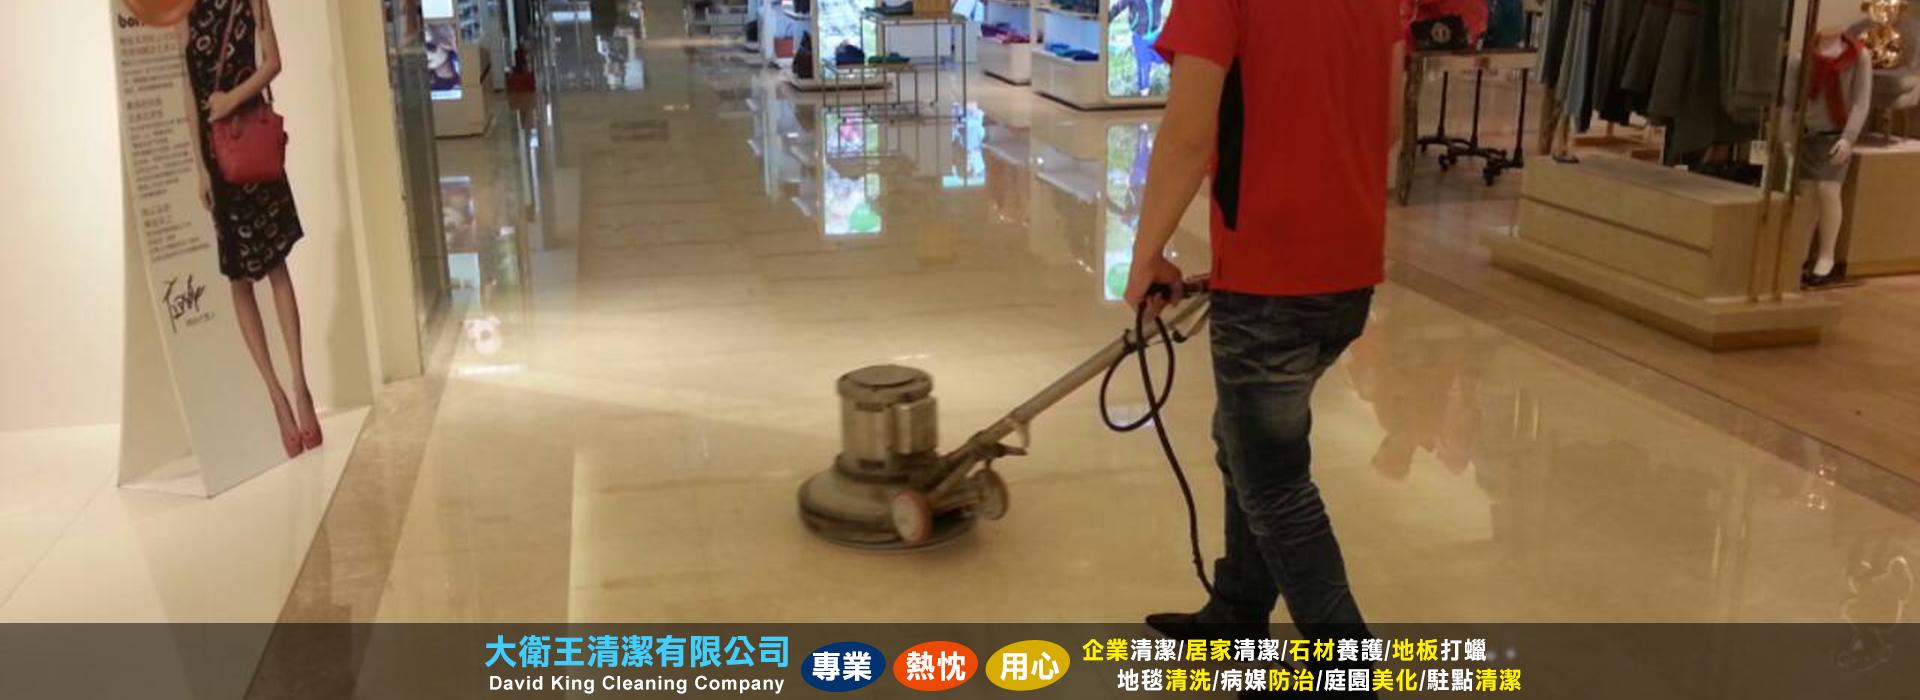 大衛王清潔,新北清潔公司,0932-003-513,駐點清潔